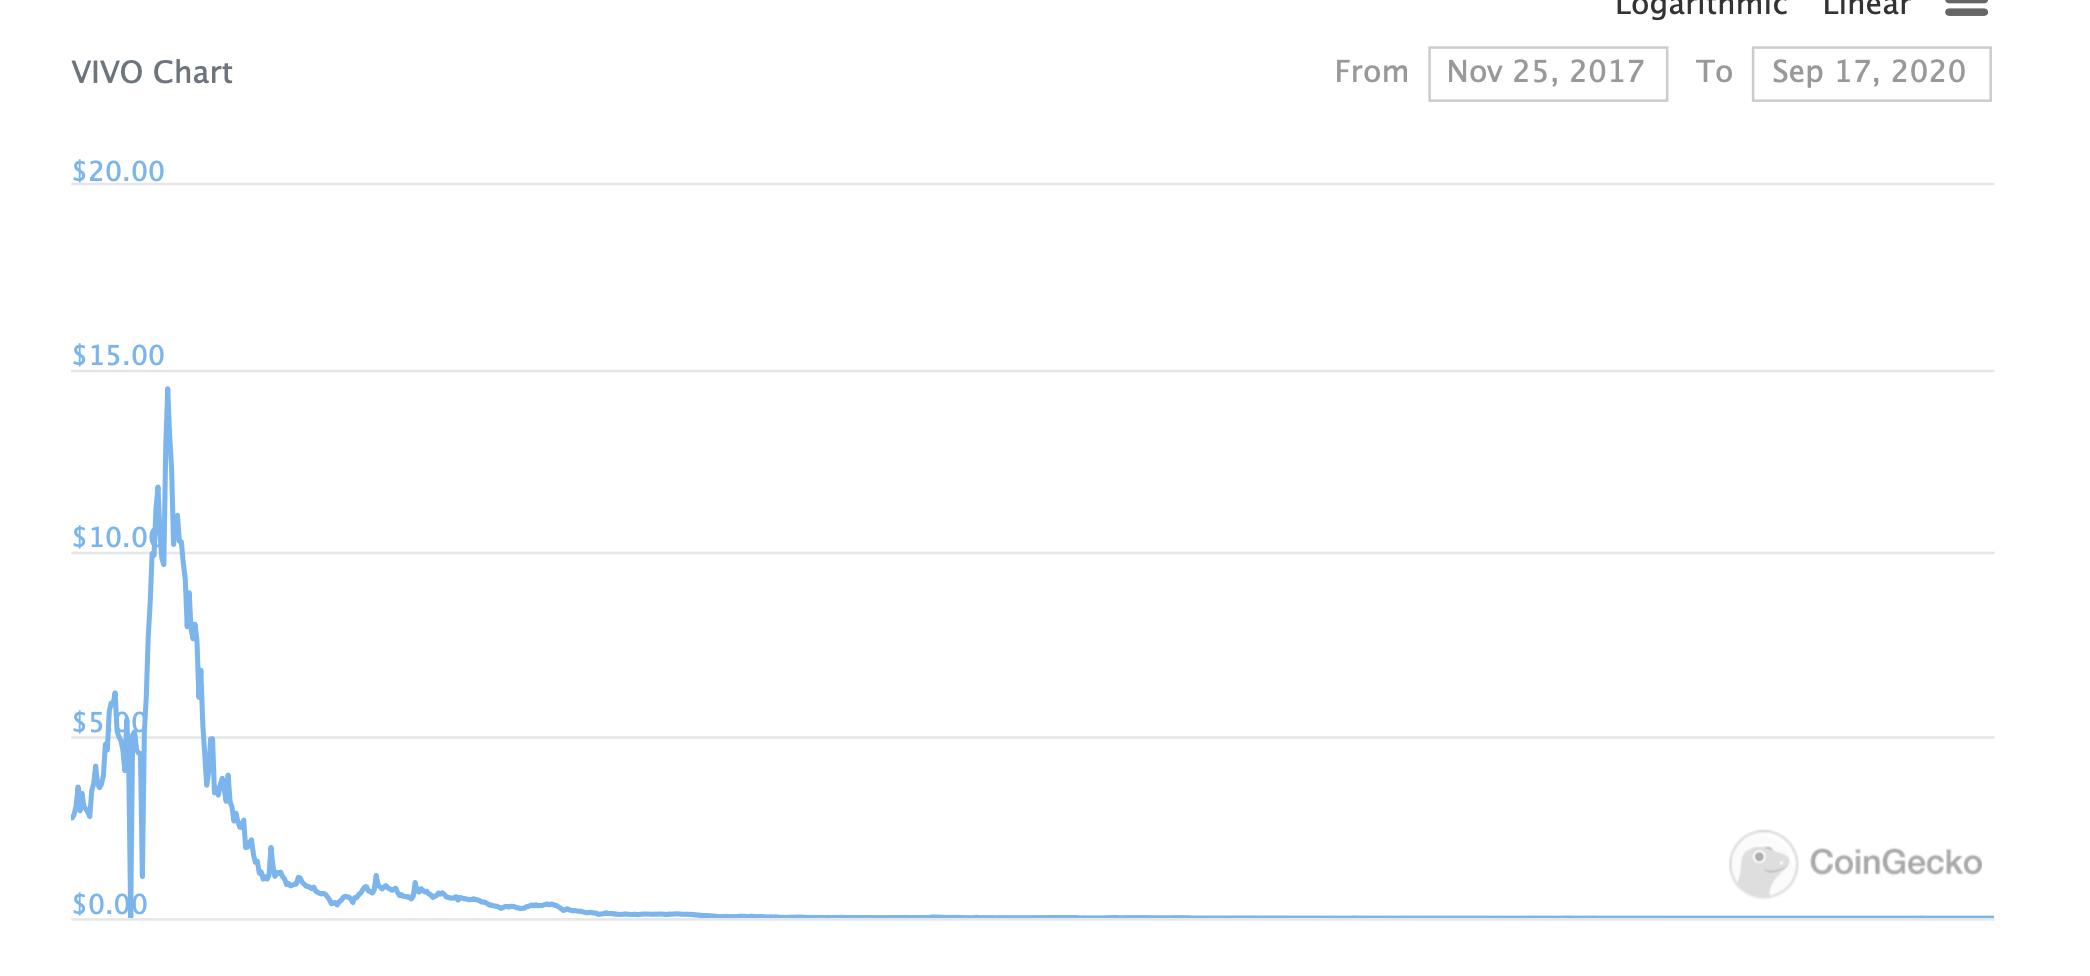 График Vivo